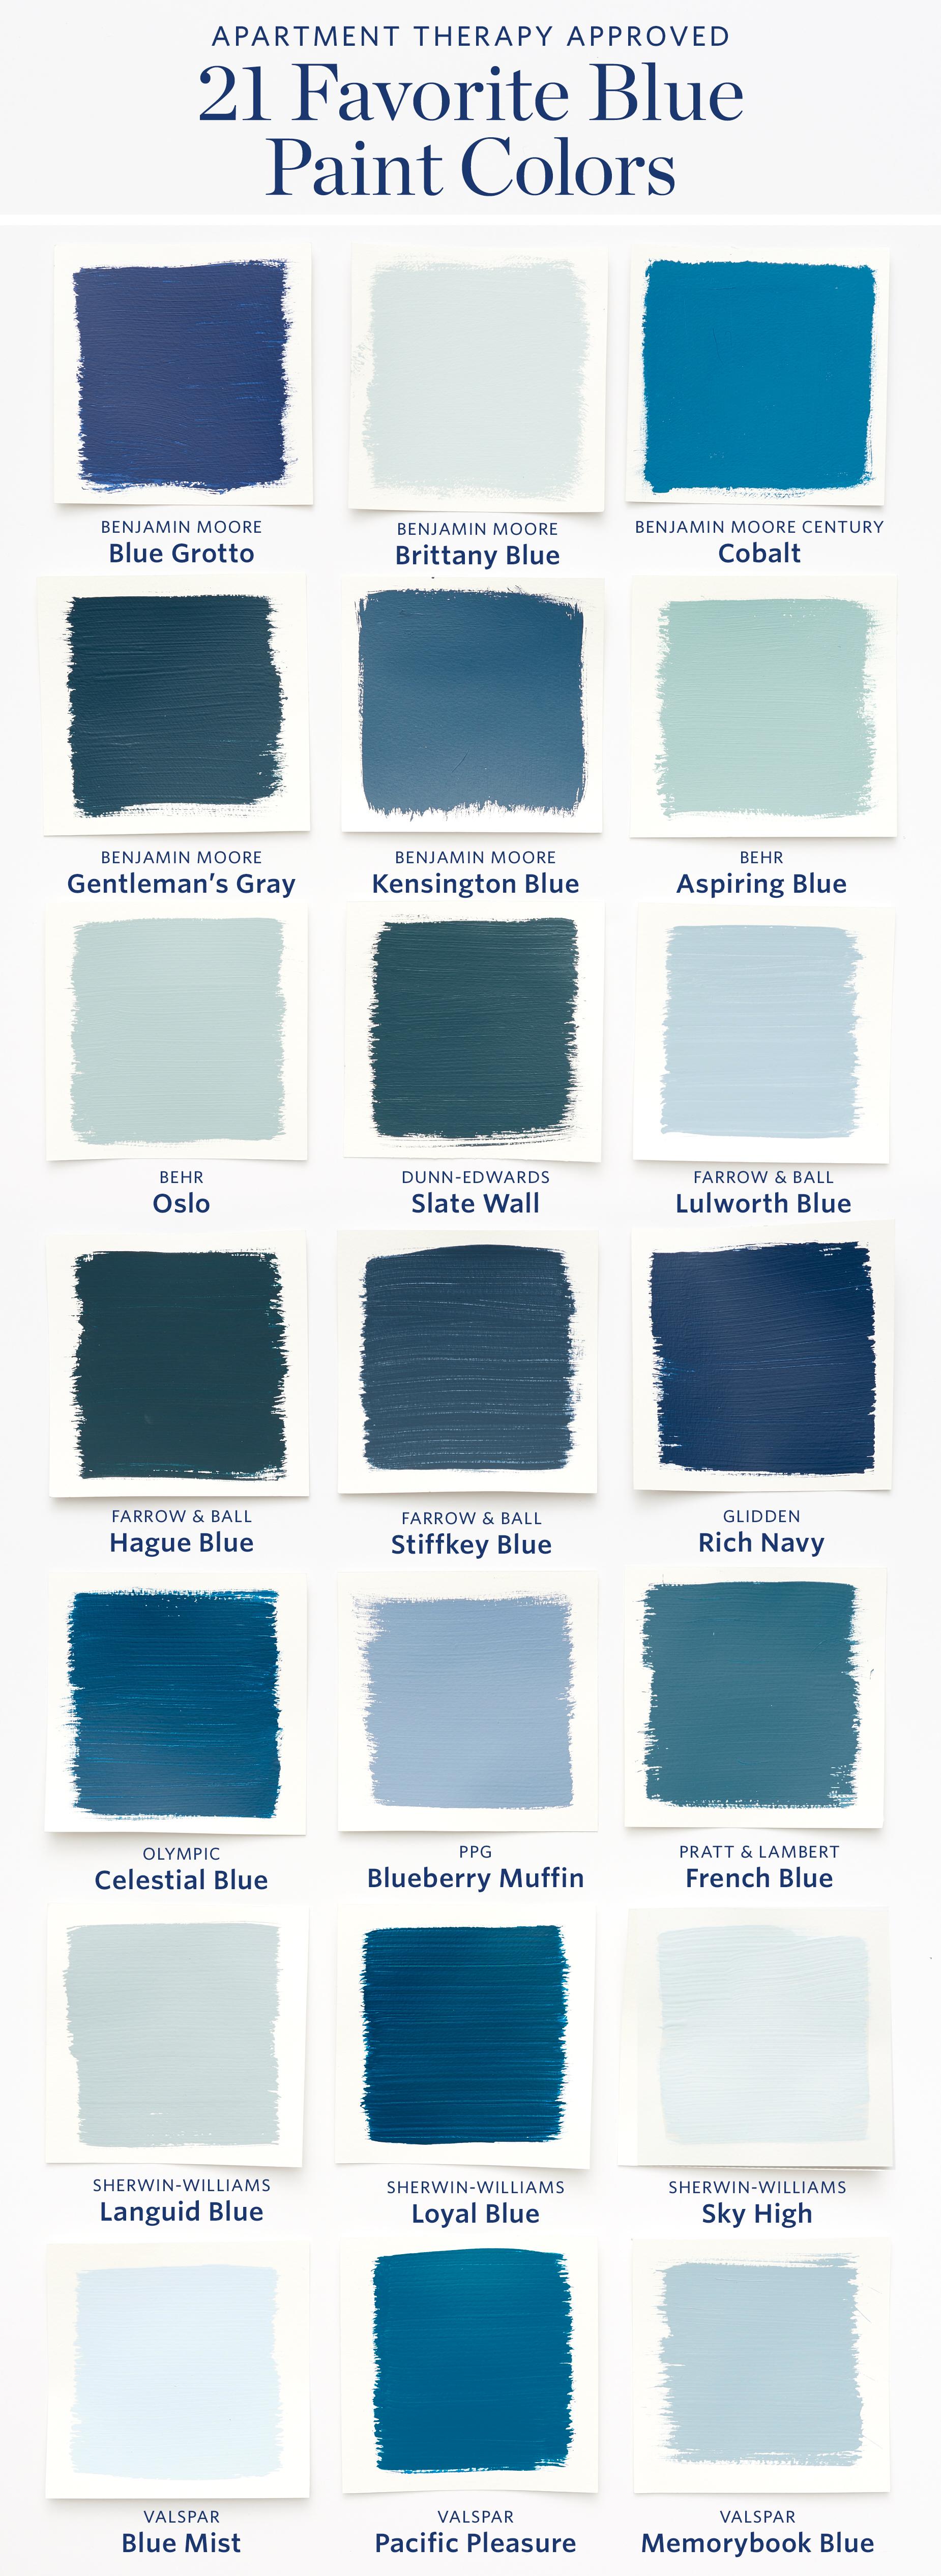 Color Cheat Sheet: The Best Blue Paint Colors | Apartment ...